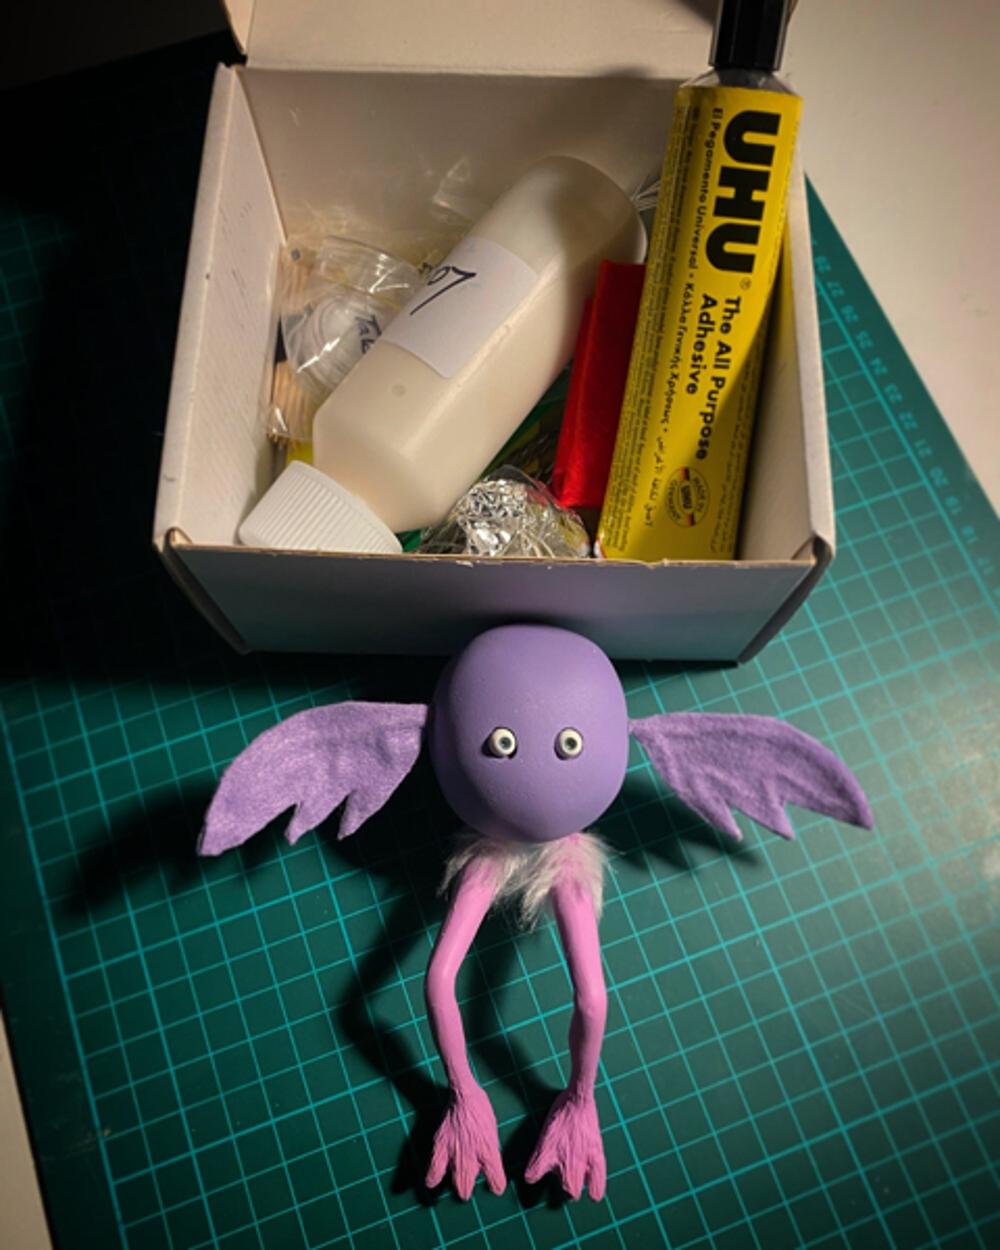 Ctrl + Art + DlY Puppet Kit